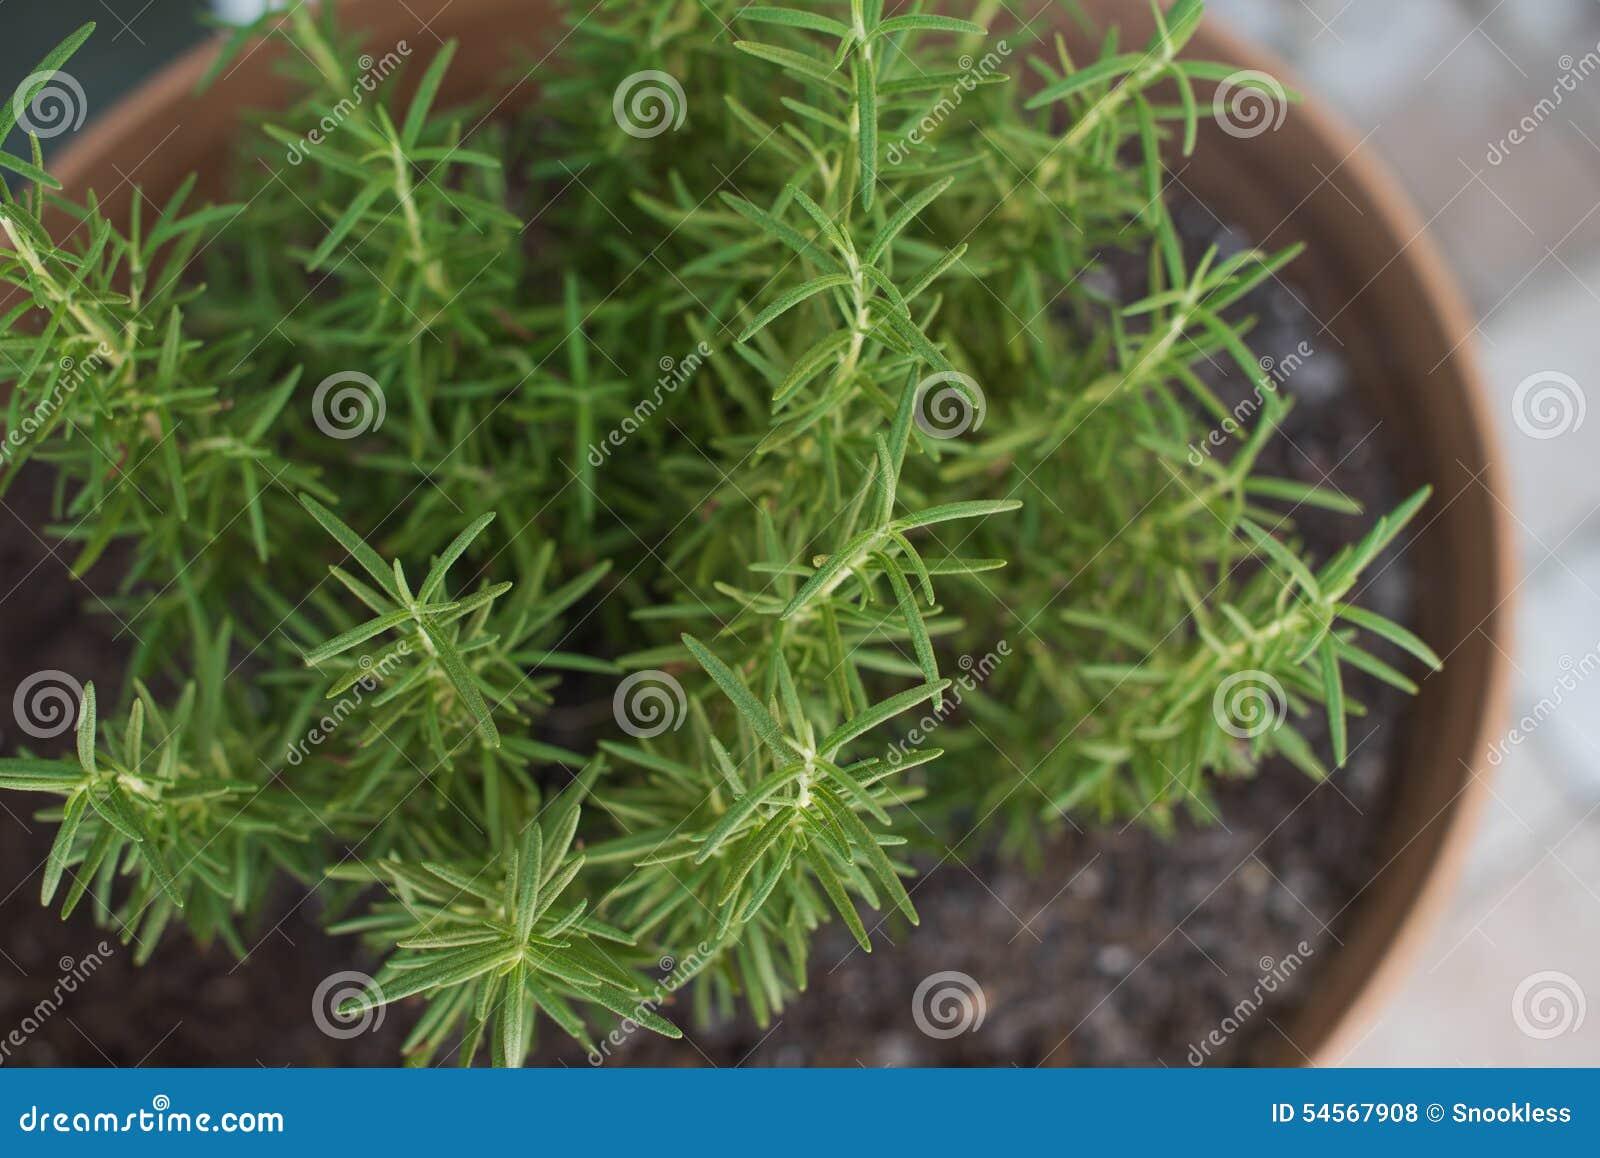 Especia de Rosemary